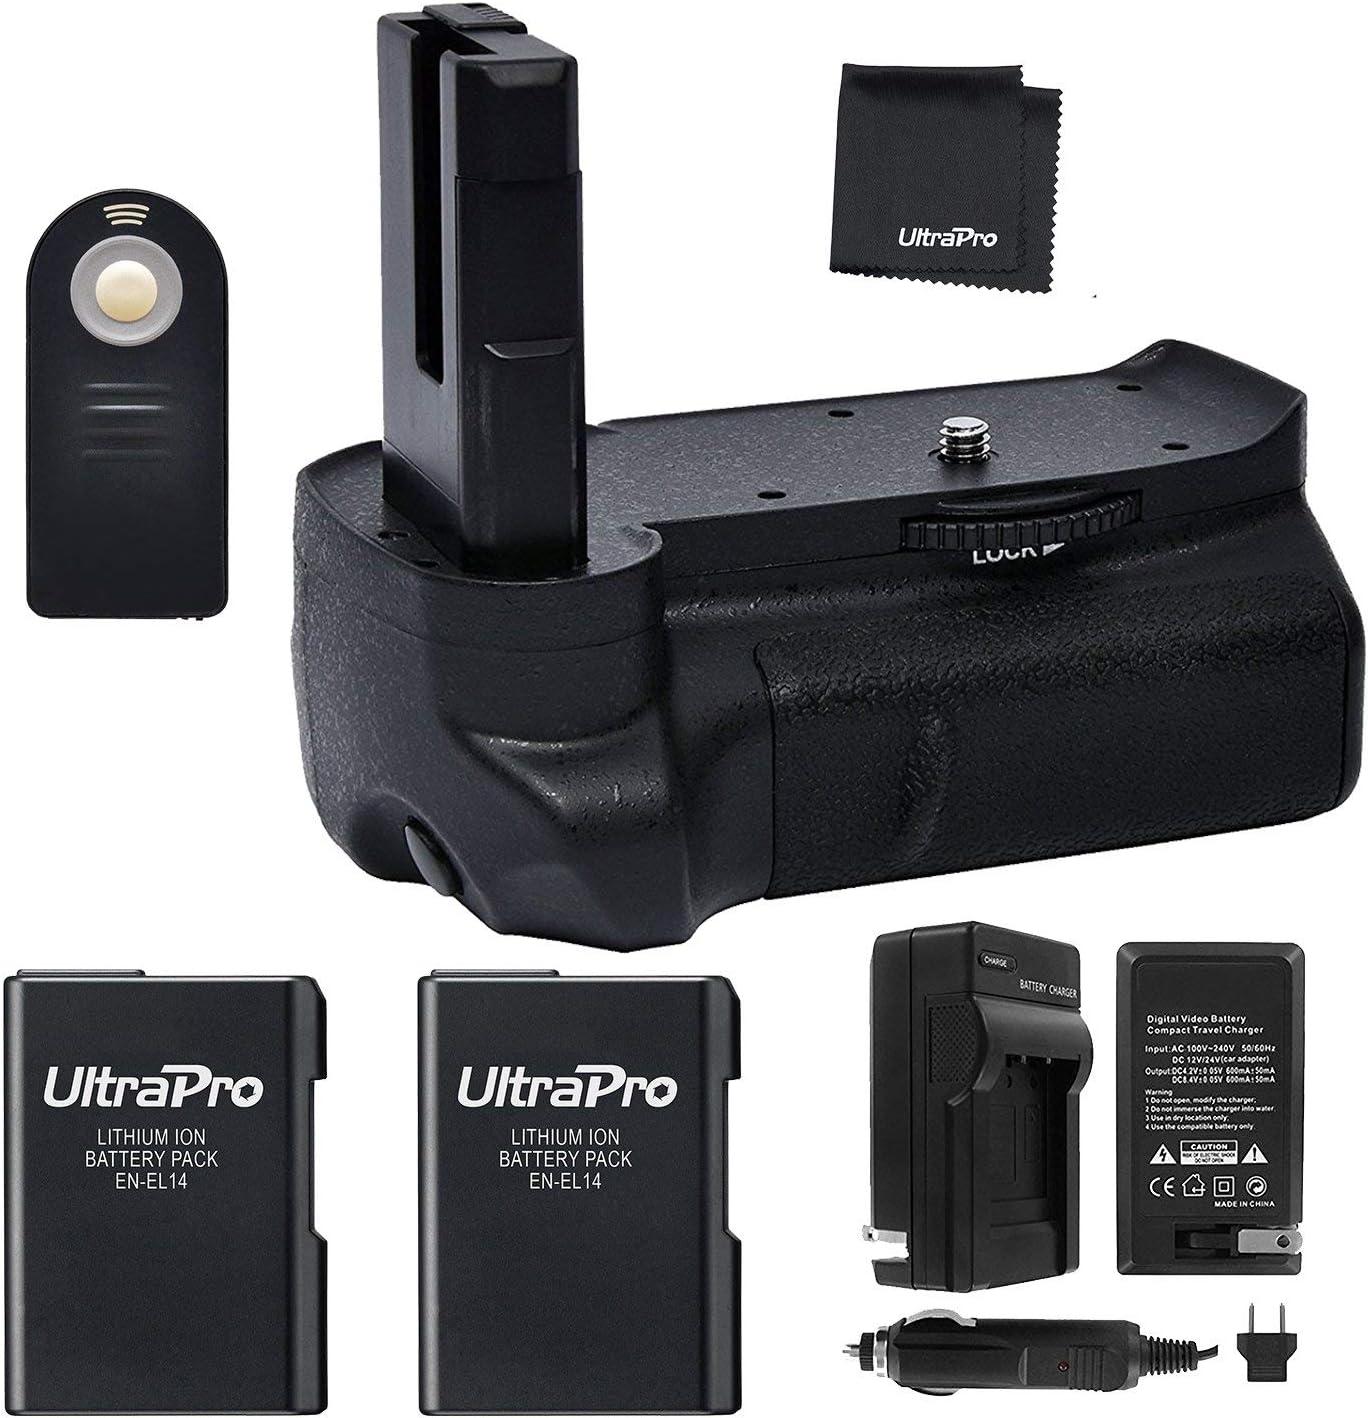 Charger 2-Pk EN-EL14a Long-Life Batteries D3300: Includes Vertical Battery Grip UltraPro Accessory Bundle D3200 Bluetooth Battery Grip Bundle F//Nikon D3100